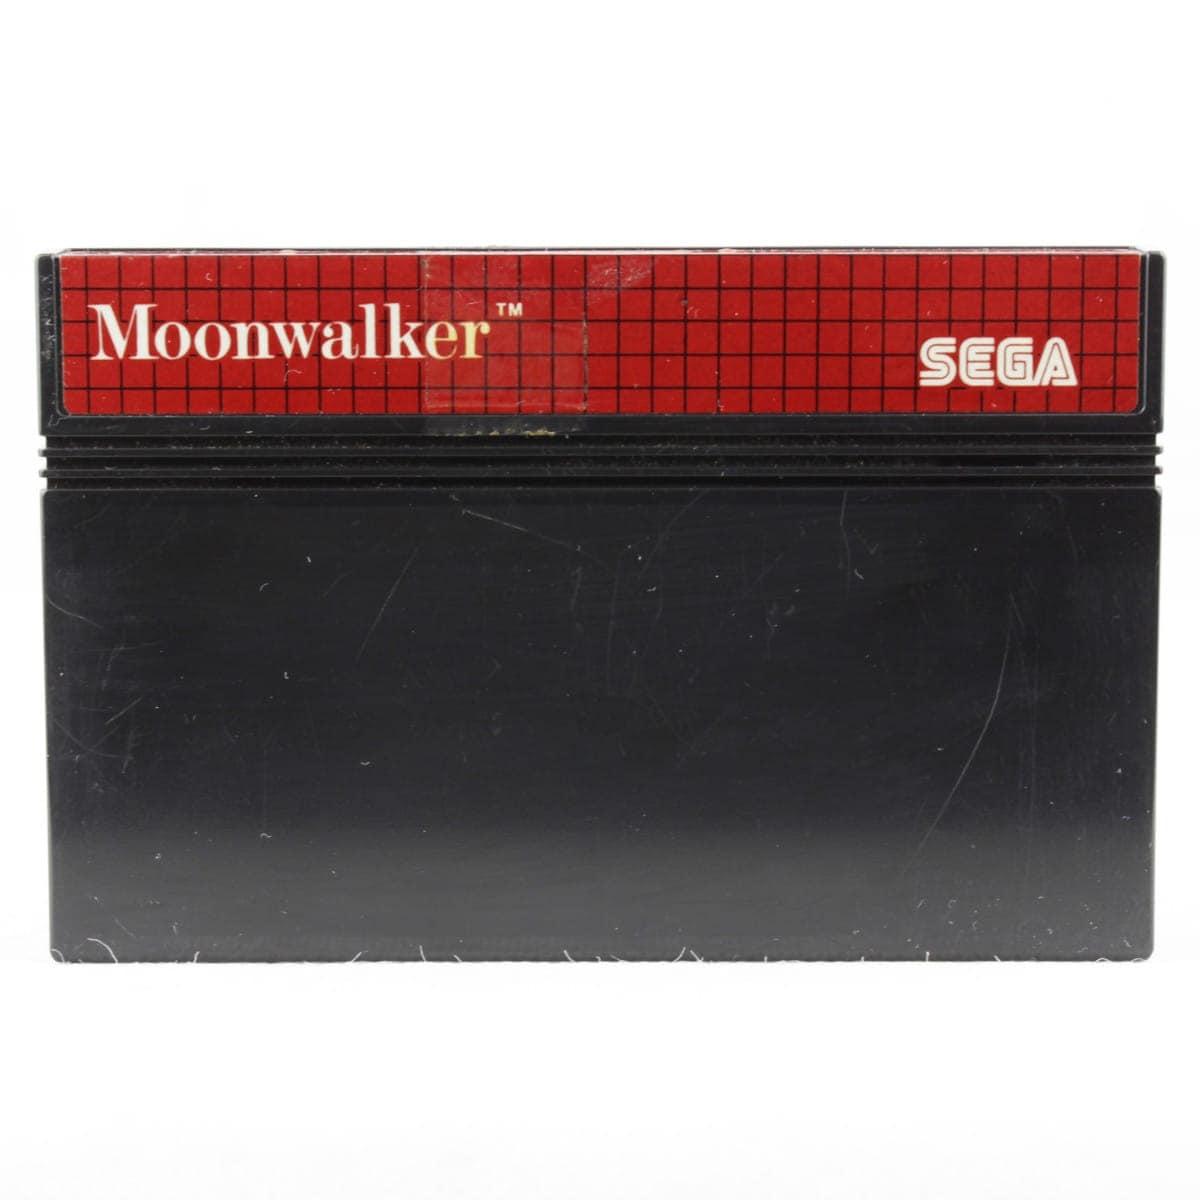 Michael Jackson's Moonwalker (SEGA Master System - Løs spil)